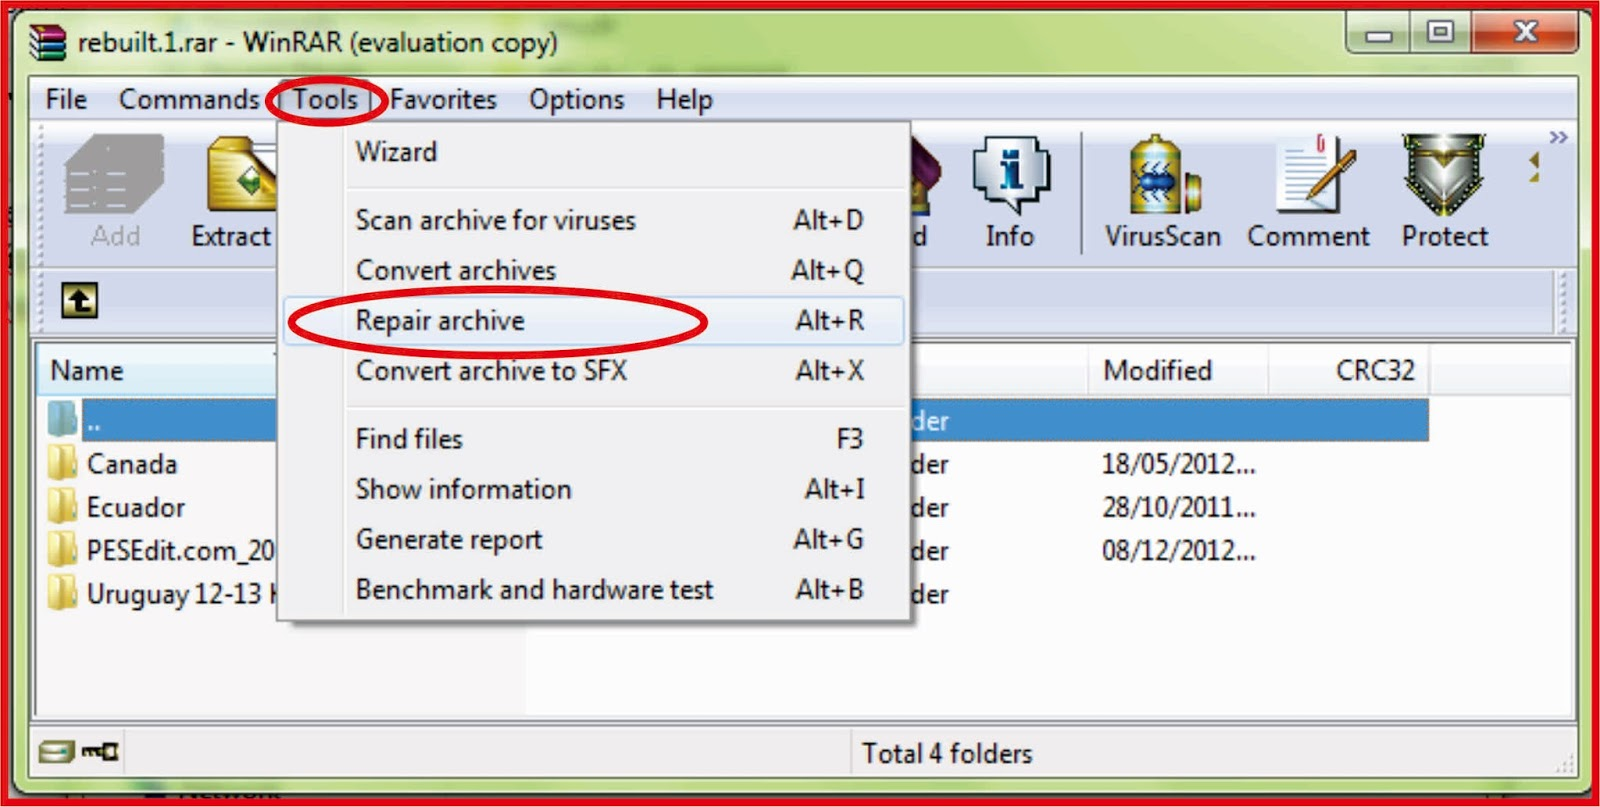 Cara Jitu Memperbaiki File Rar Yang Rusak Atau Corrupt Tips